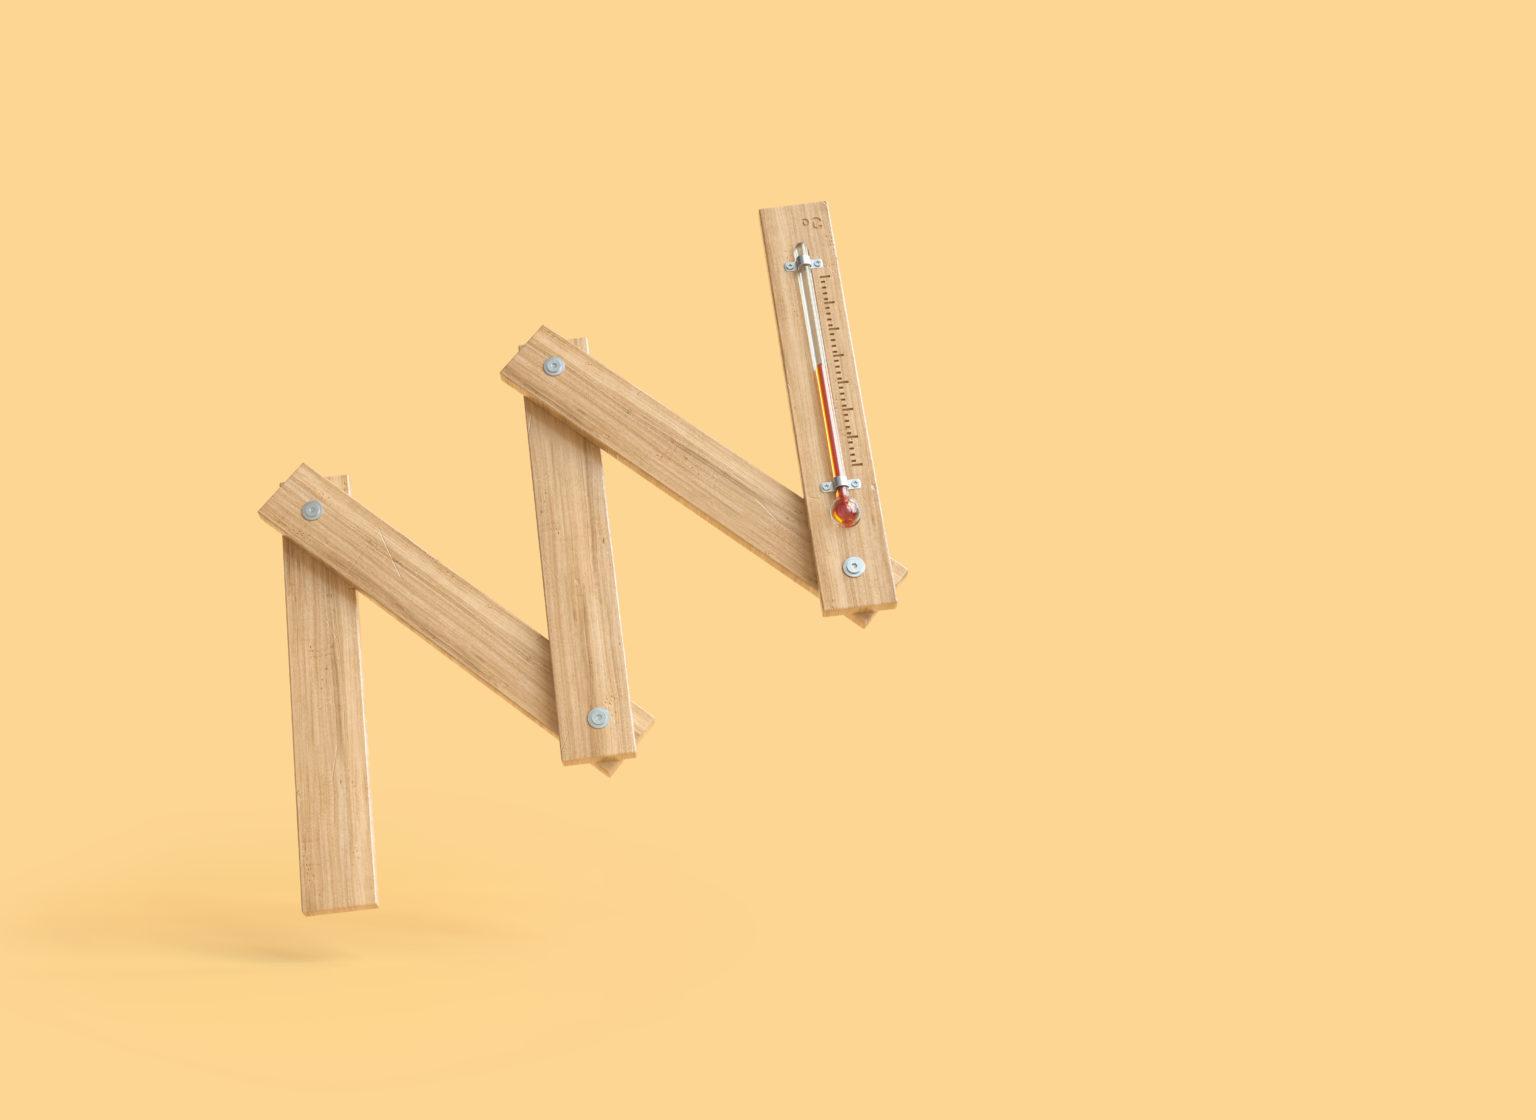 Heizungsmonteure, Elektriker und andere Partner sind durch ein 3D Bild eines Meters-Thermometers angesprochen.